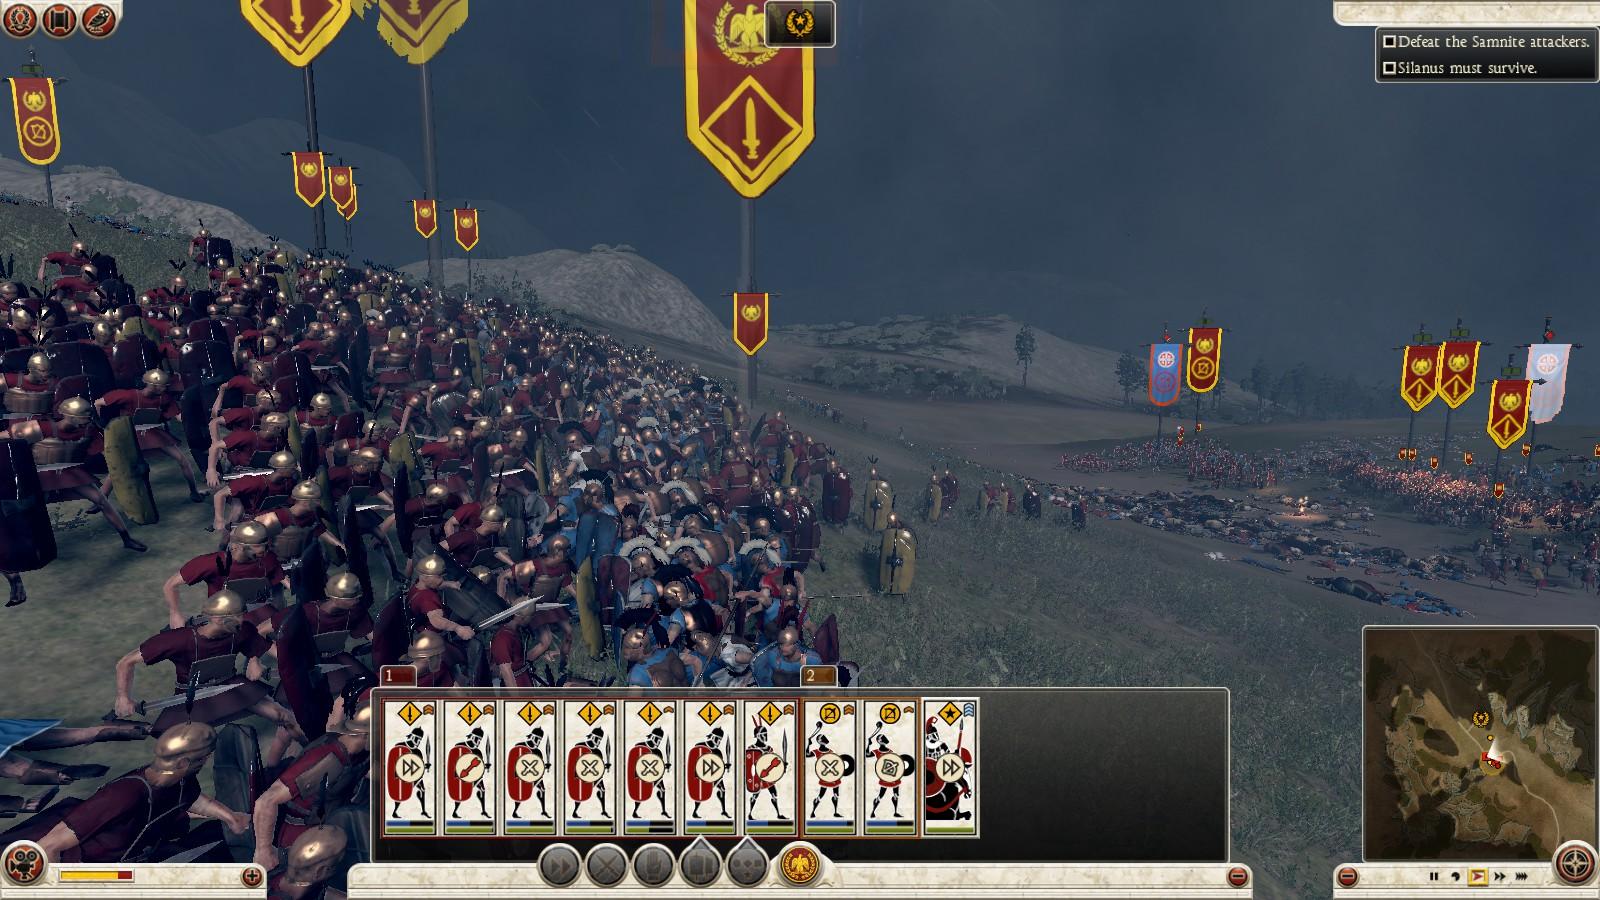 Bildergebnis für Rome 2 screenshots